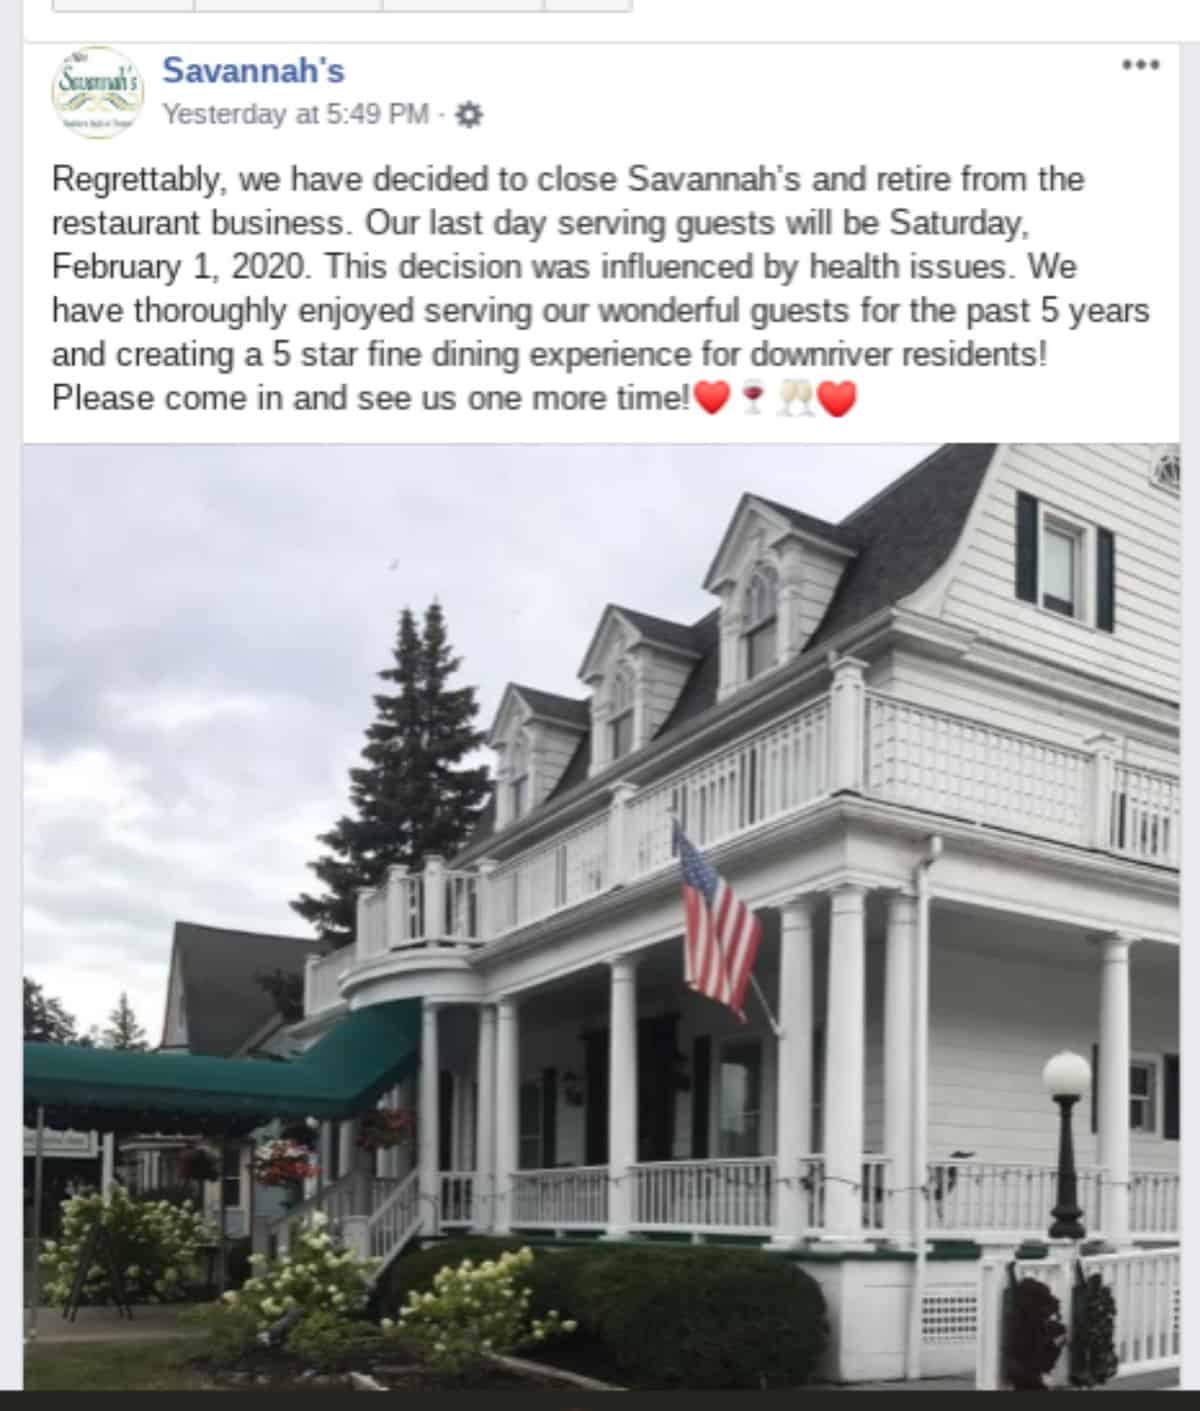 Savannahs-closure-facebook-announcement